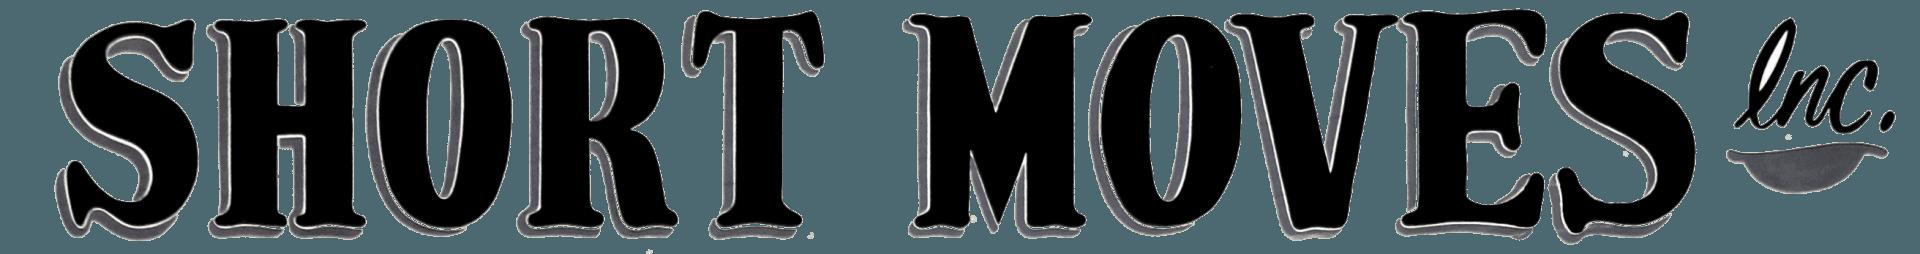 Short Moves Inc. Logo